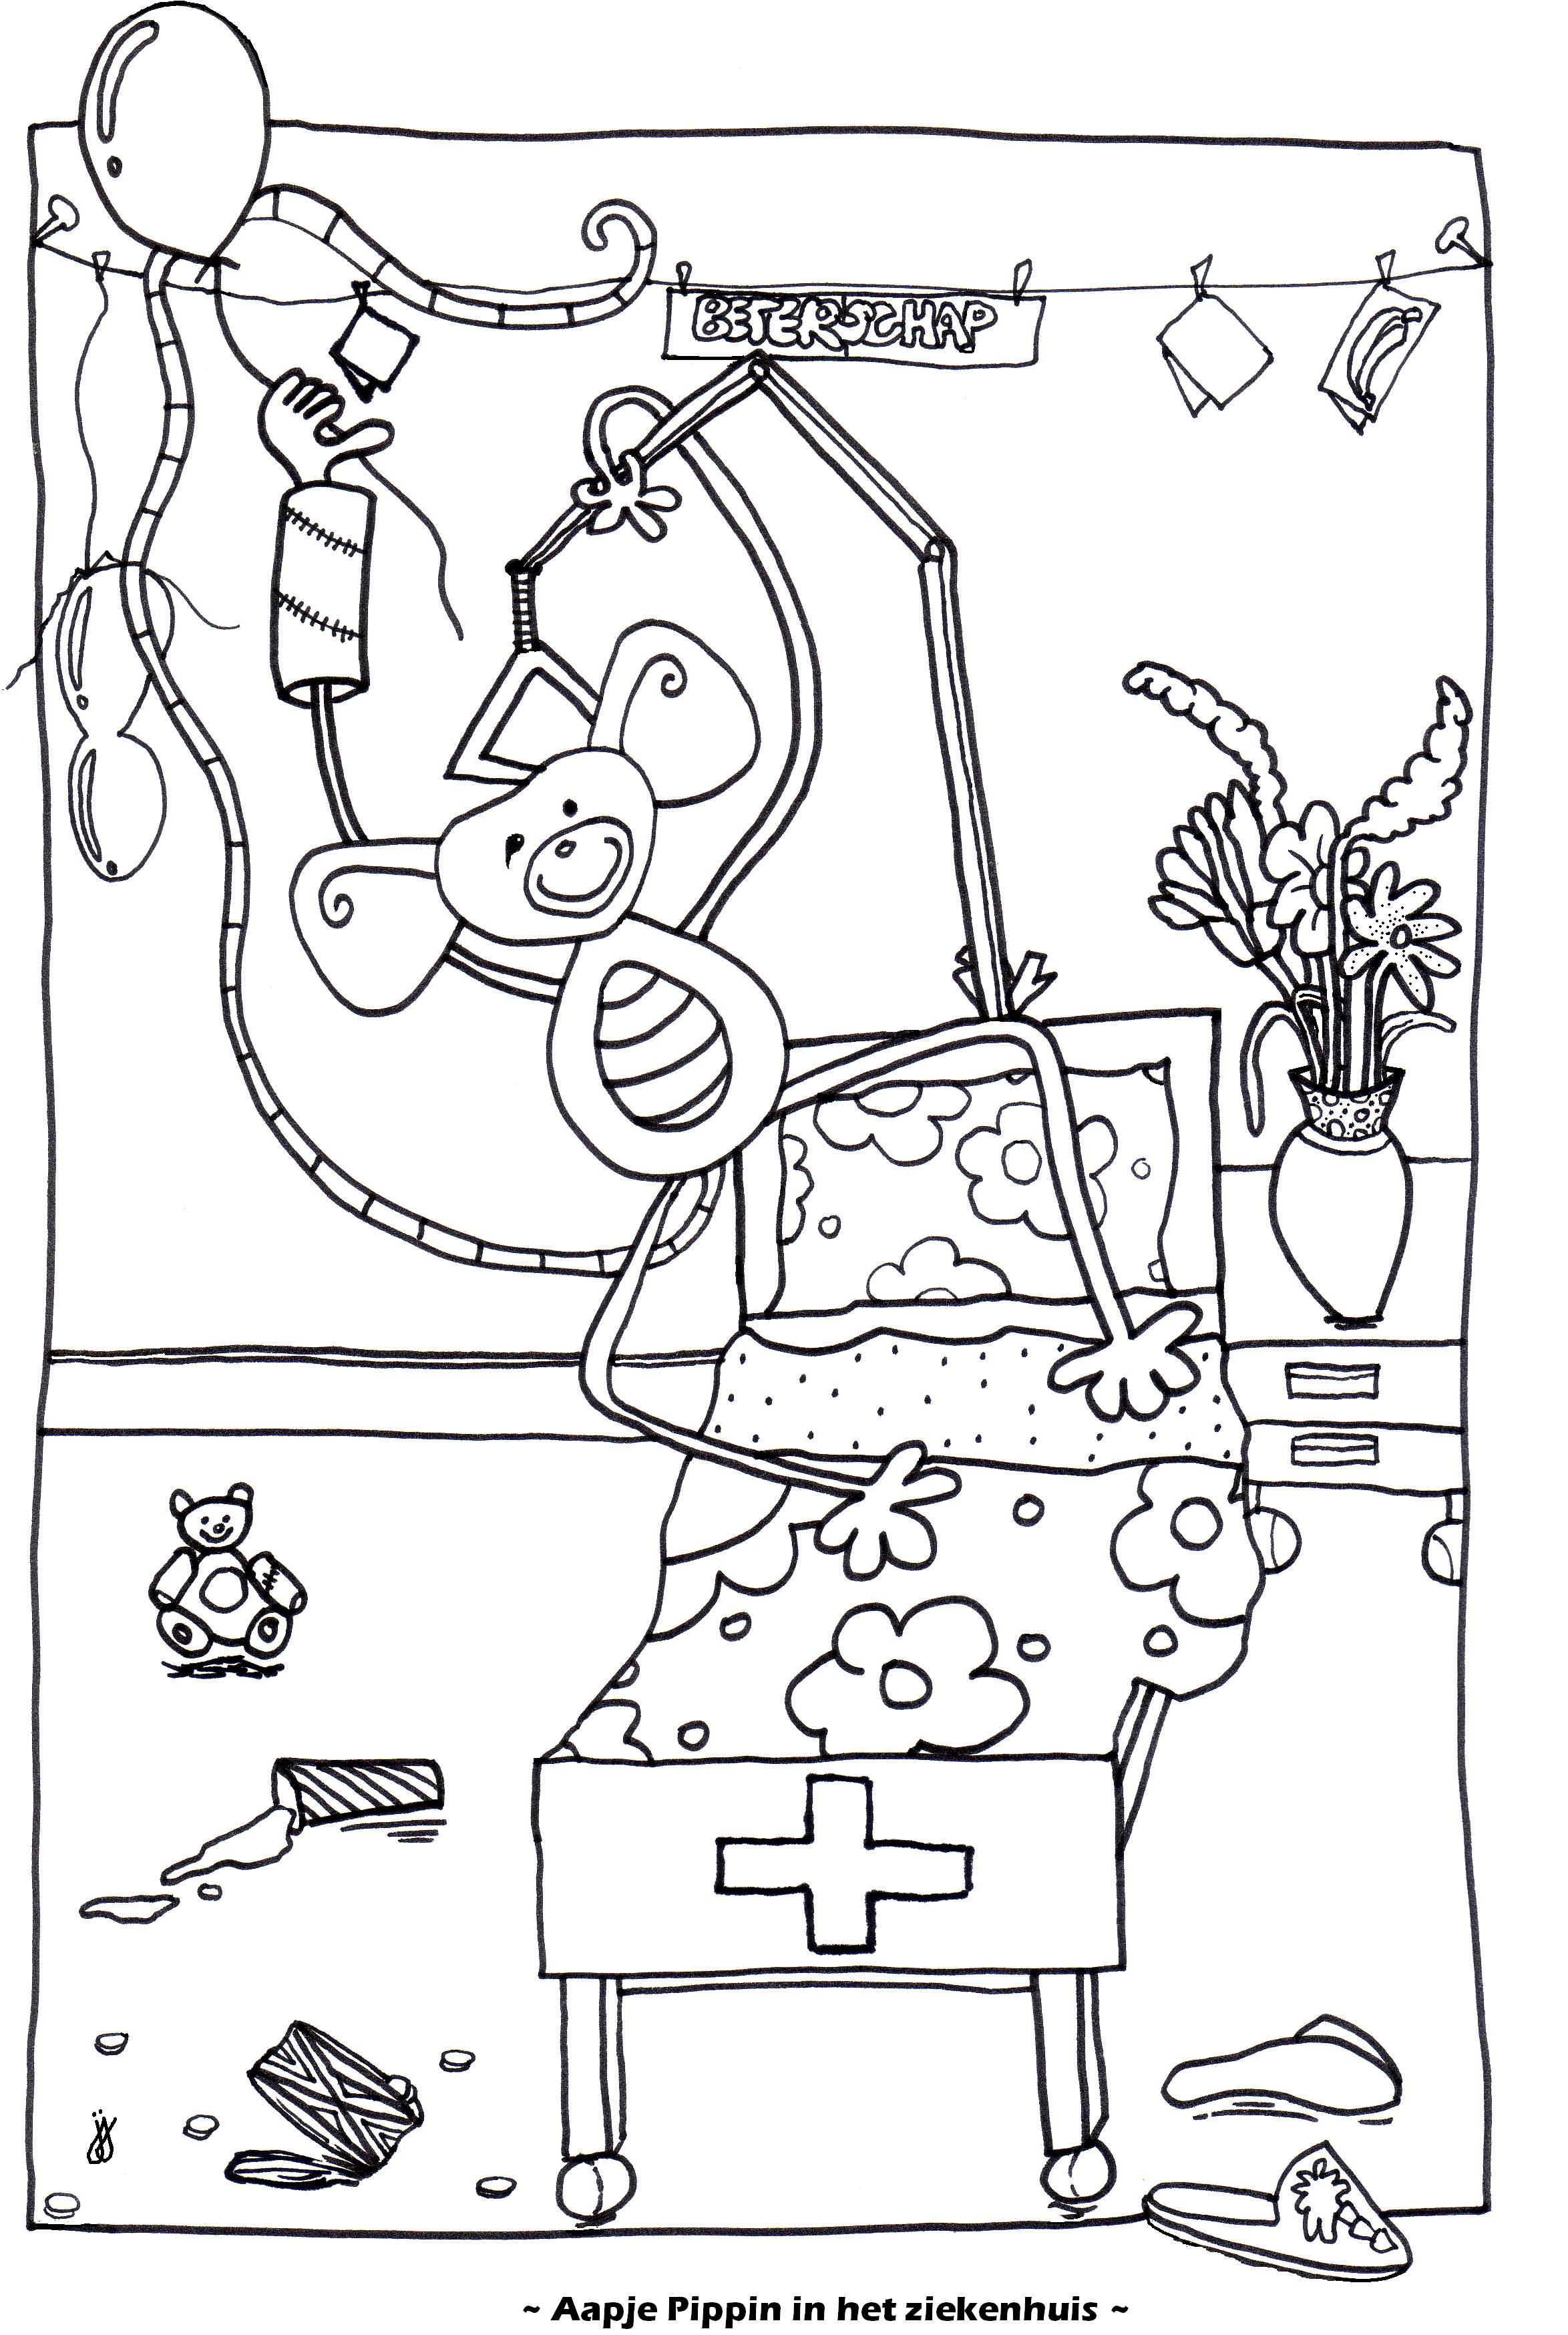 Aapje Pippin in het ziekenhuis